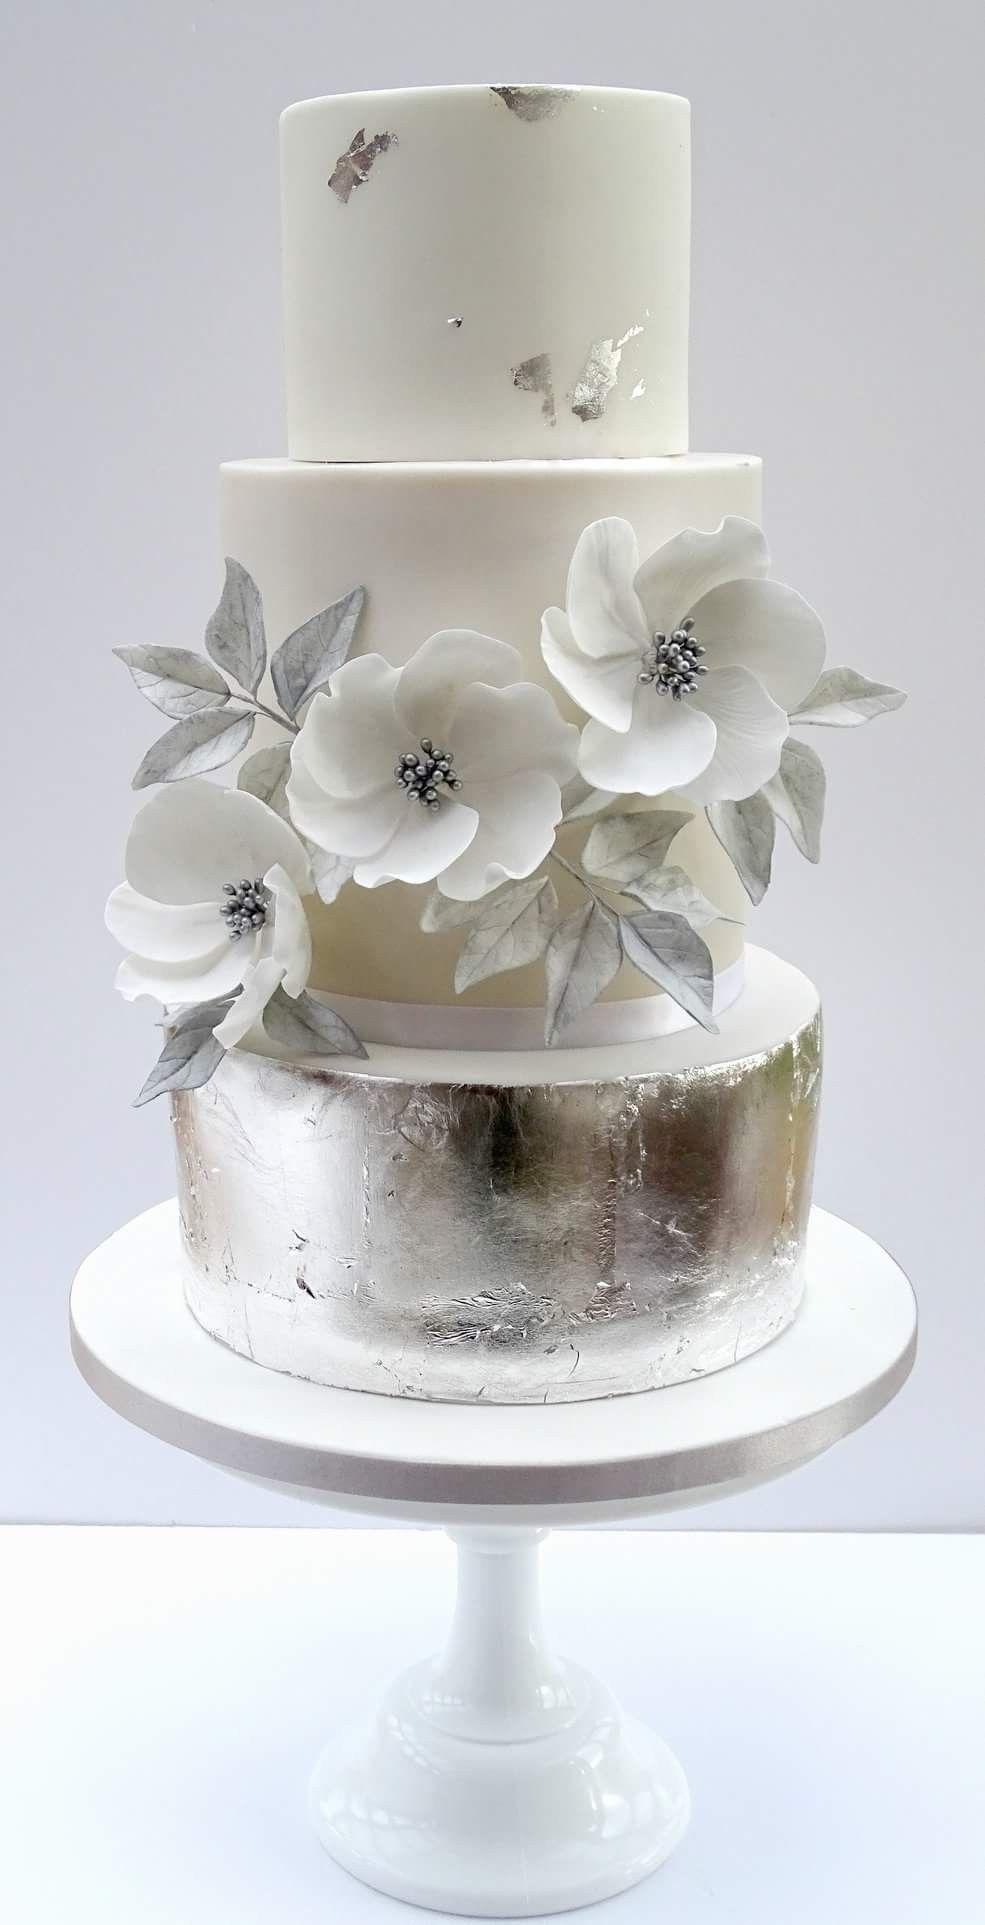 Wow. Wedding cake for winter wedding #weddingcakes | Cake Decorating ...